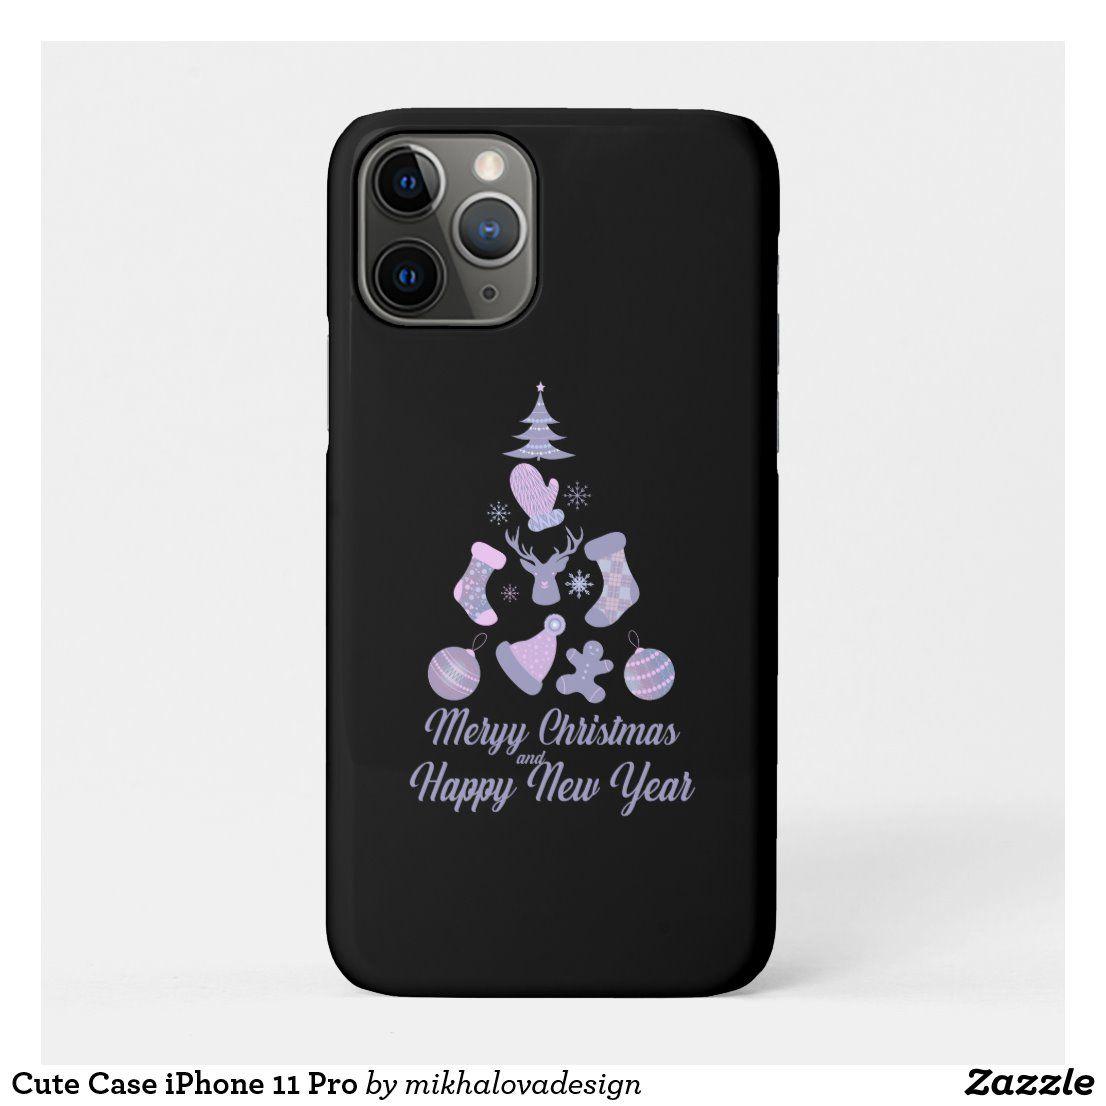 Cute case iphone 11 pro in 2020 iphone